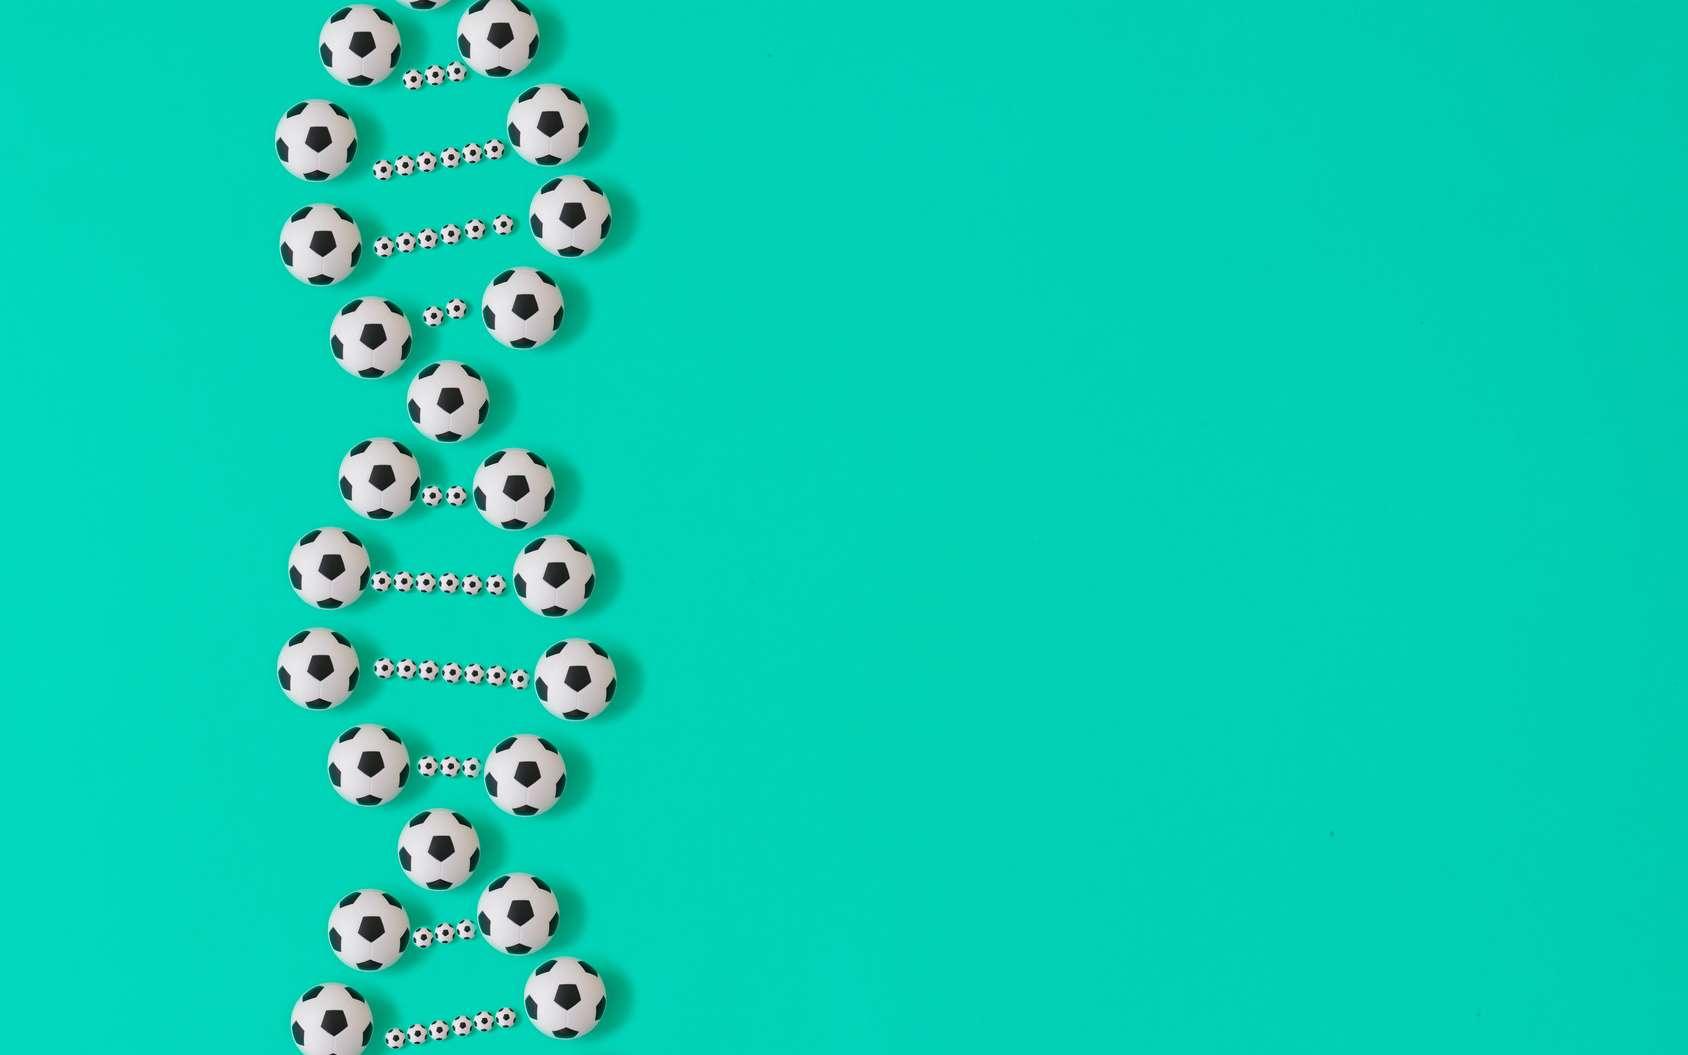 Une double hélice d'ADN avec des ballons de foot. © Olga Ibragimova, Fotolia